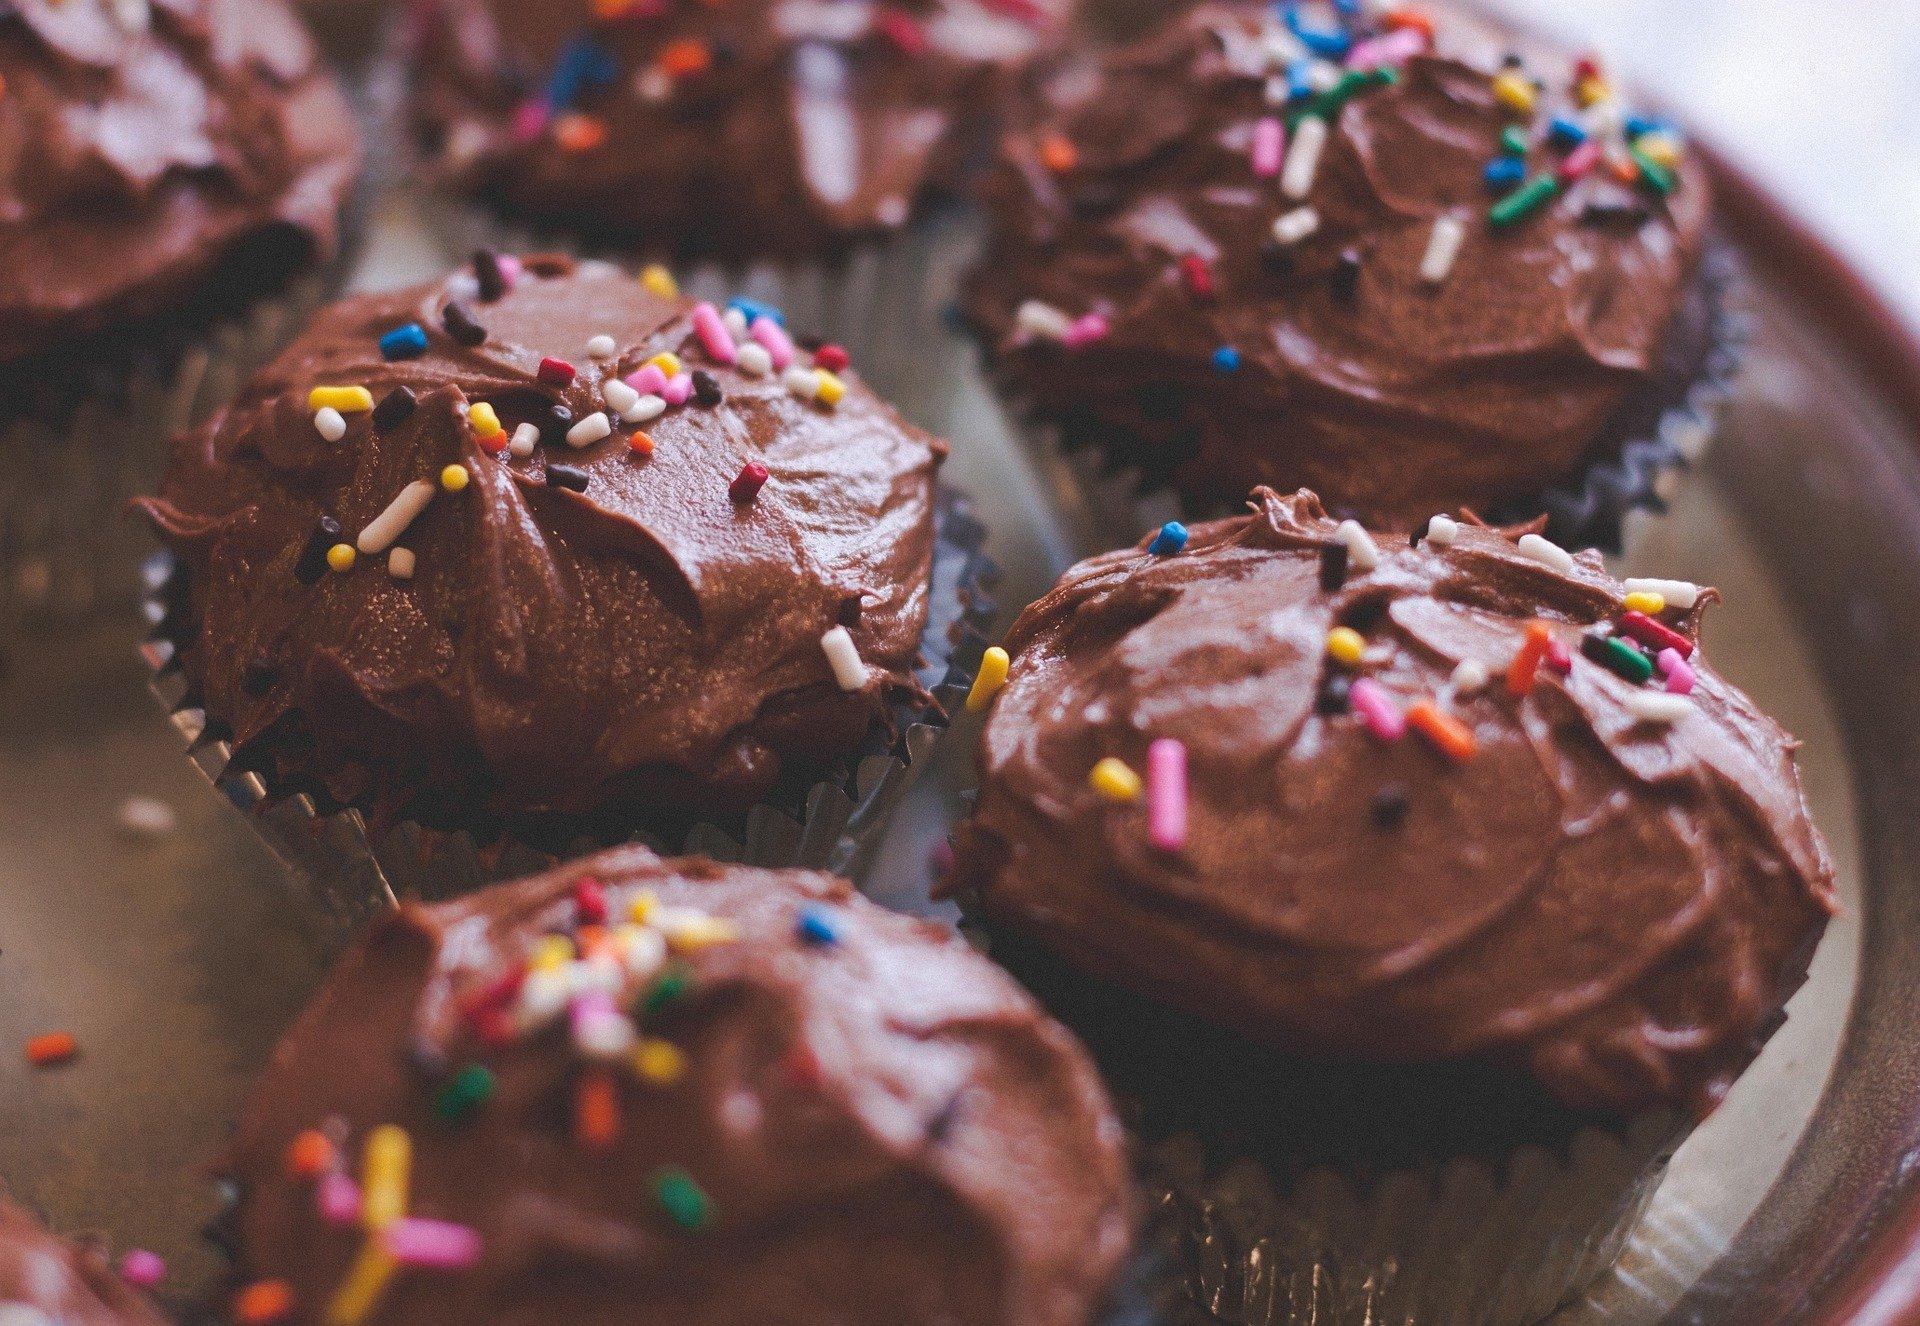 Travessa com cupcakes de chocolate disponíveis em forminhas de alumínio prateado. Eles estão decorados com chocolate granulado colorido.